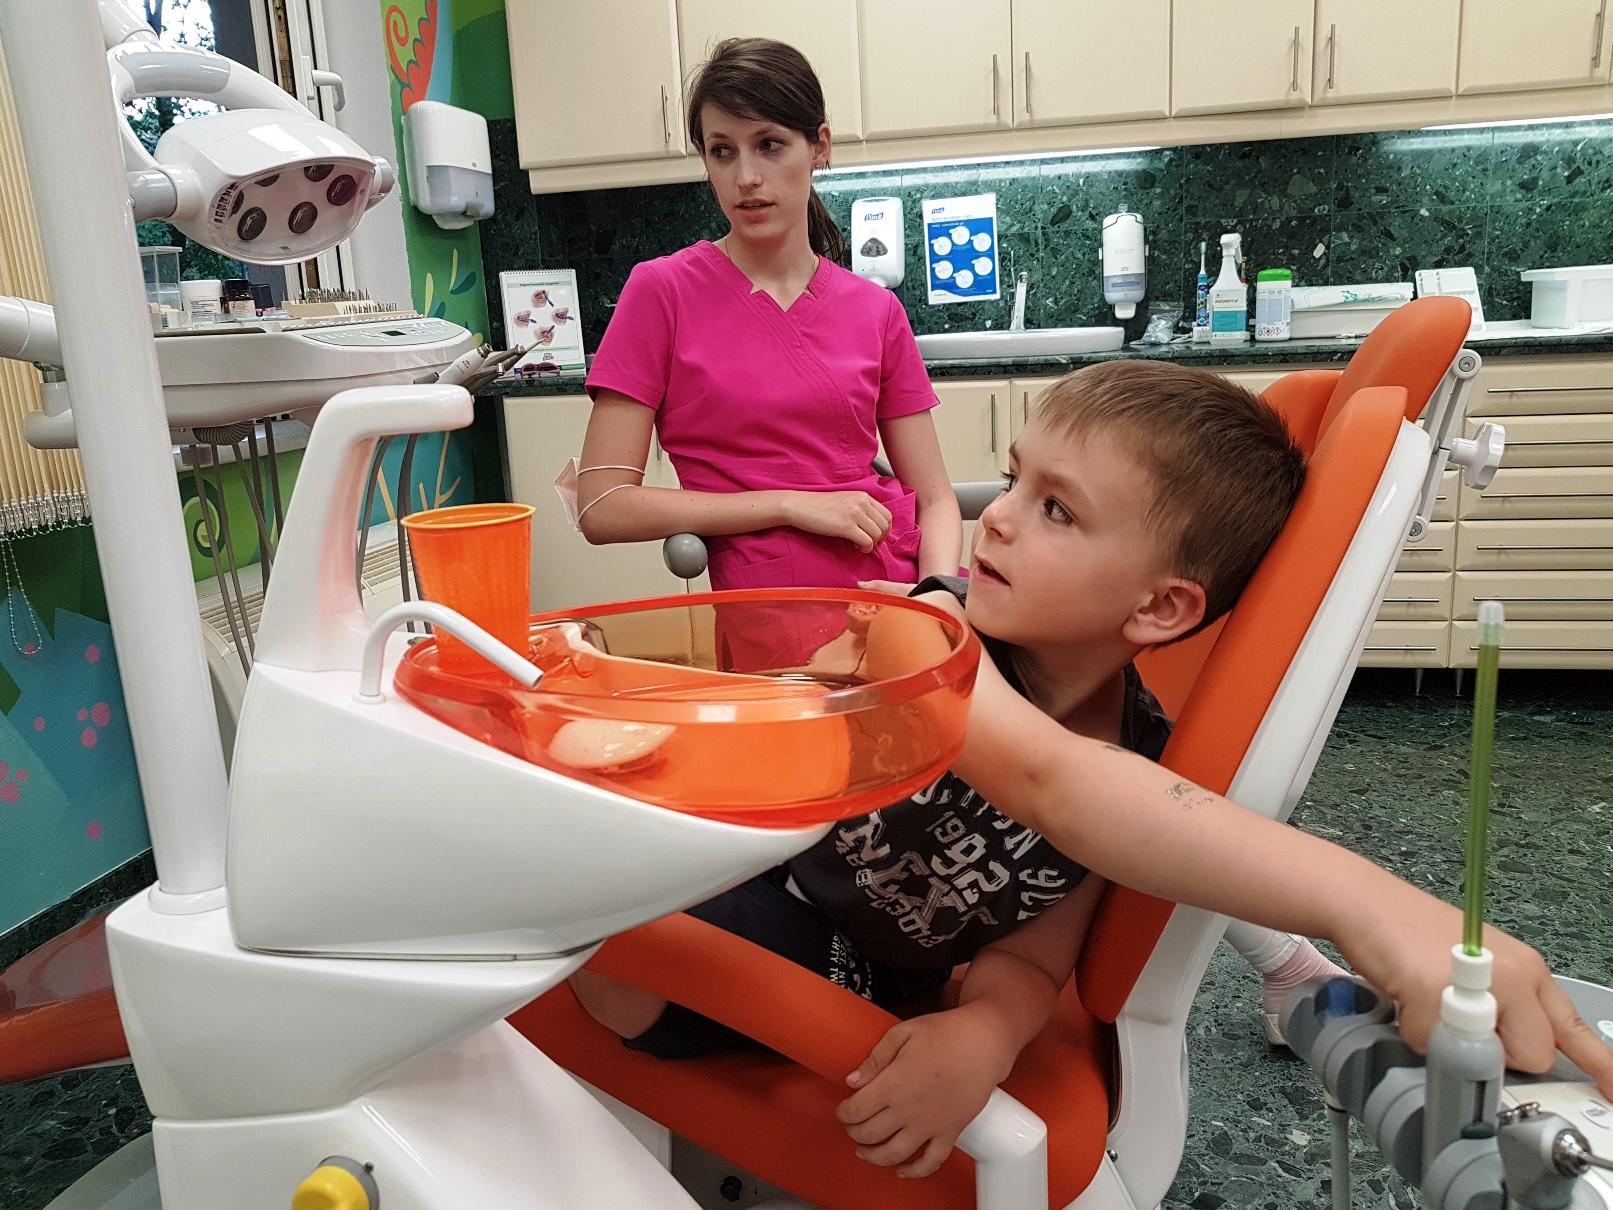 szék opisthorhiasis, hogyan lehet gyereket vinni amelyet az orvos eltávolítja a papillómákat a nyelvről